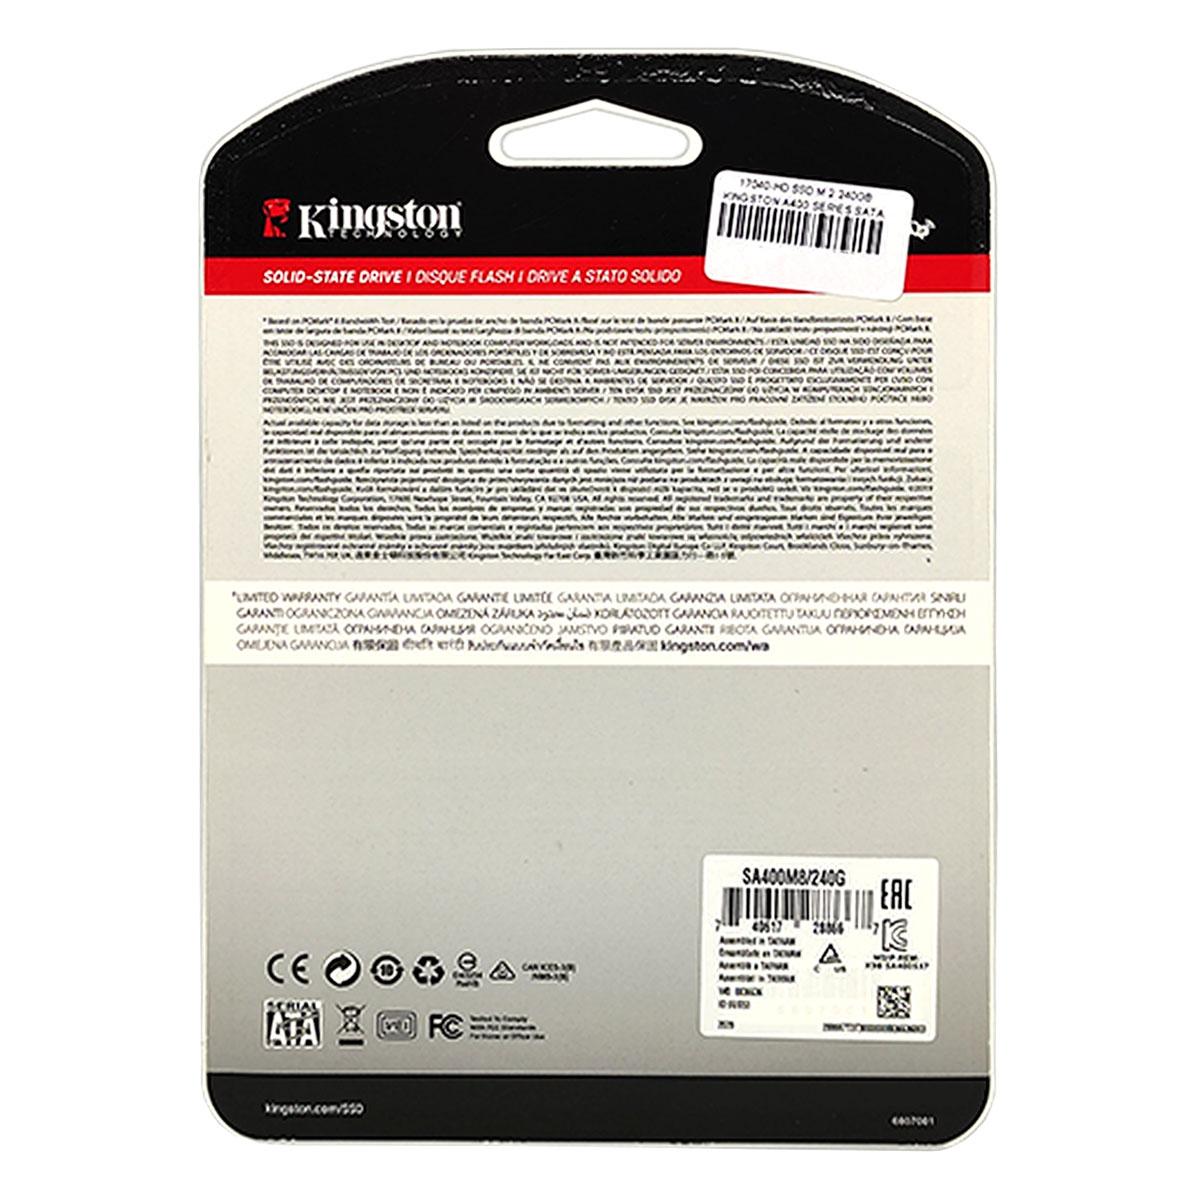 HD SSD 240GB Kingston A400 M.2 2280, Leitura 500 MB/s, Gravação 350 MB/s - SA400M8/240G